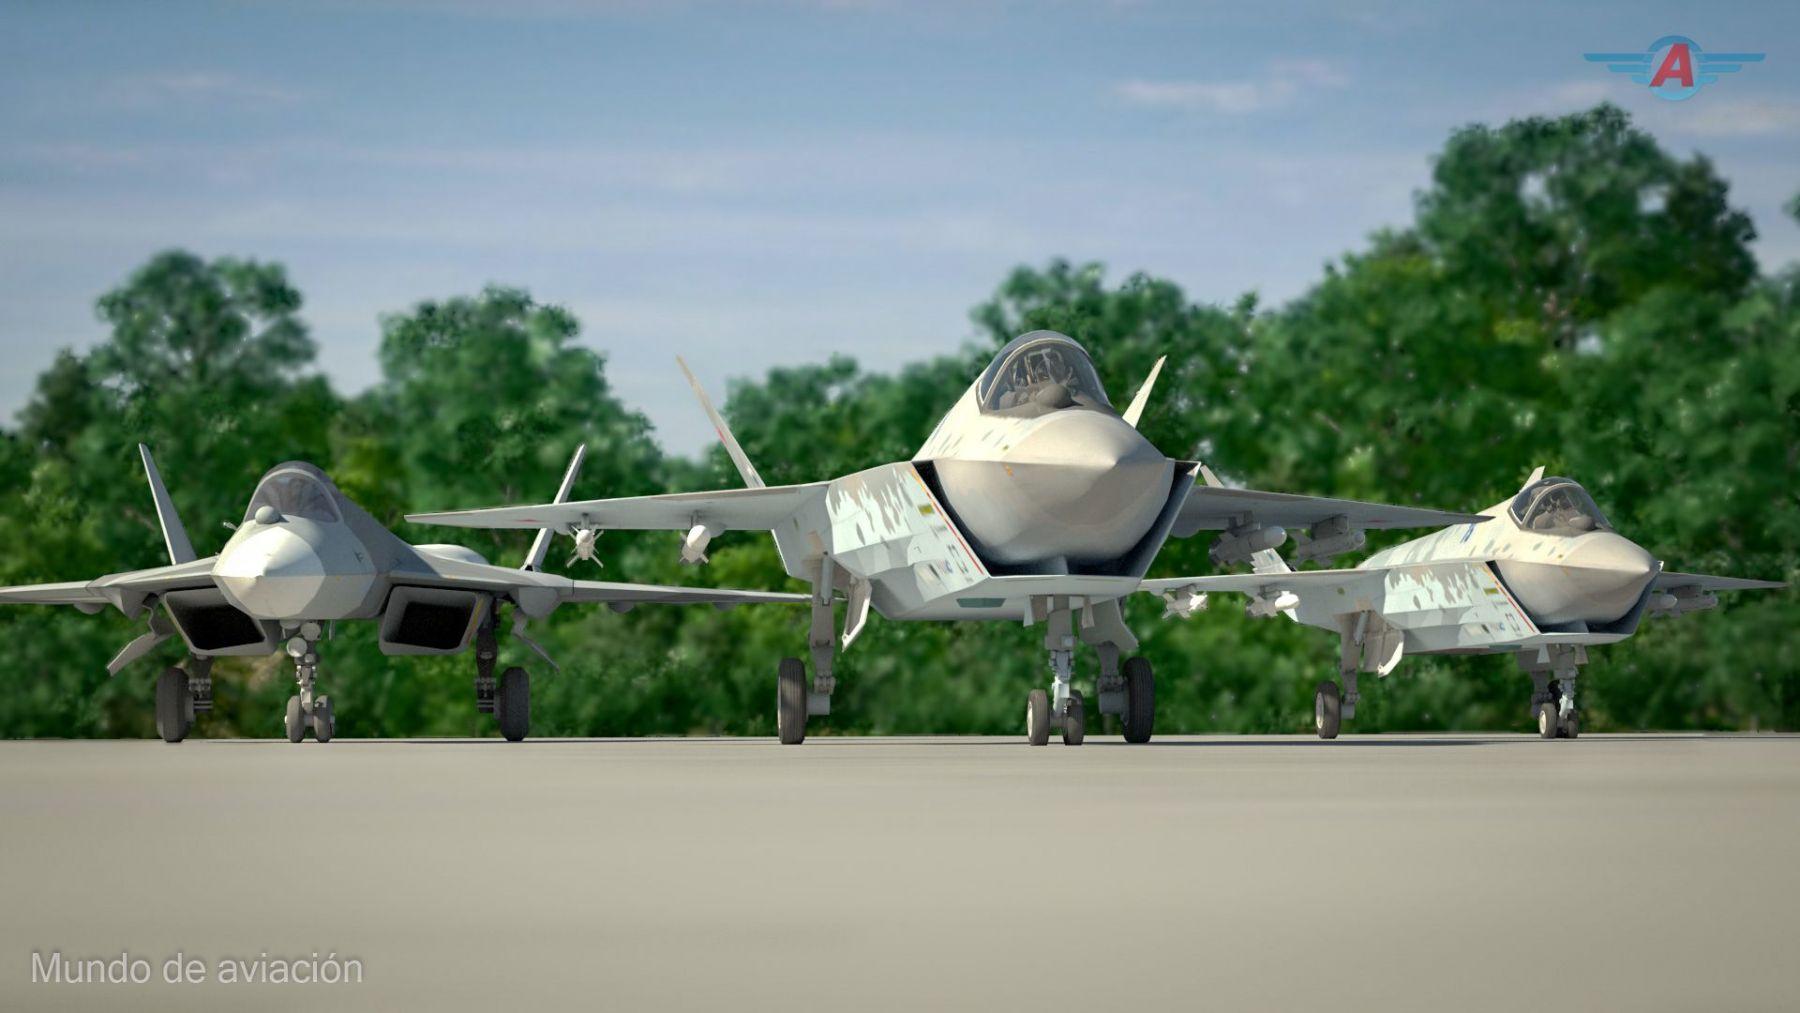 Su-75 Checkmate / Mundo de Aviación / © Marcos Gandullo, Argentina